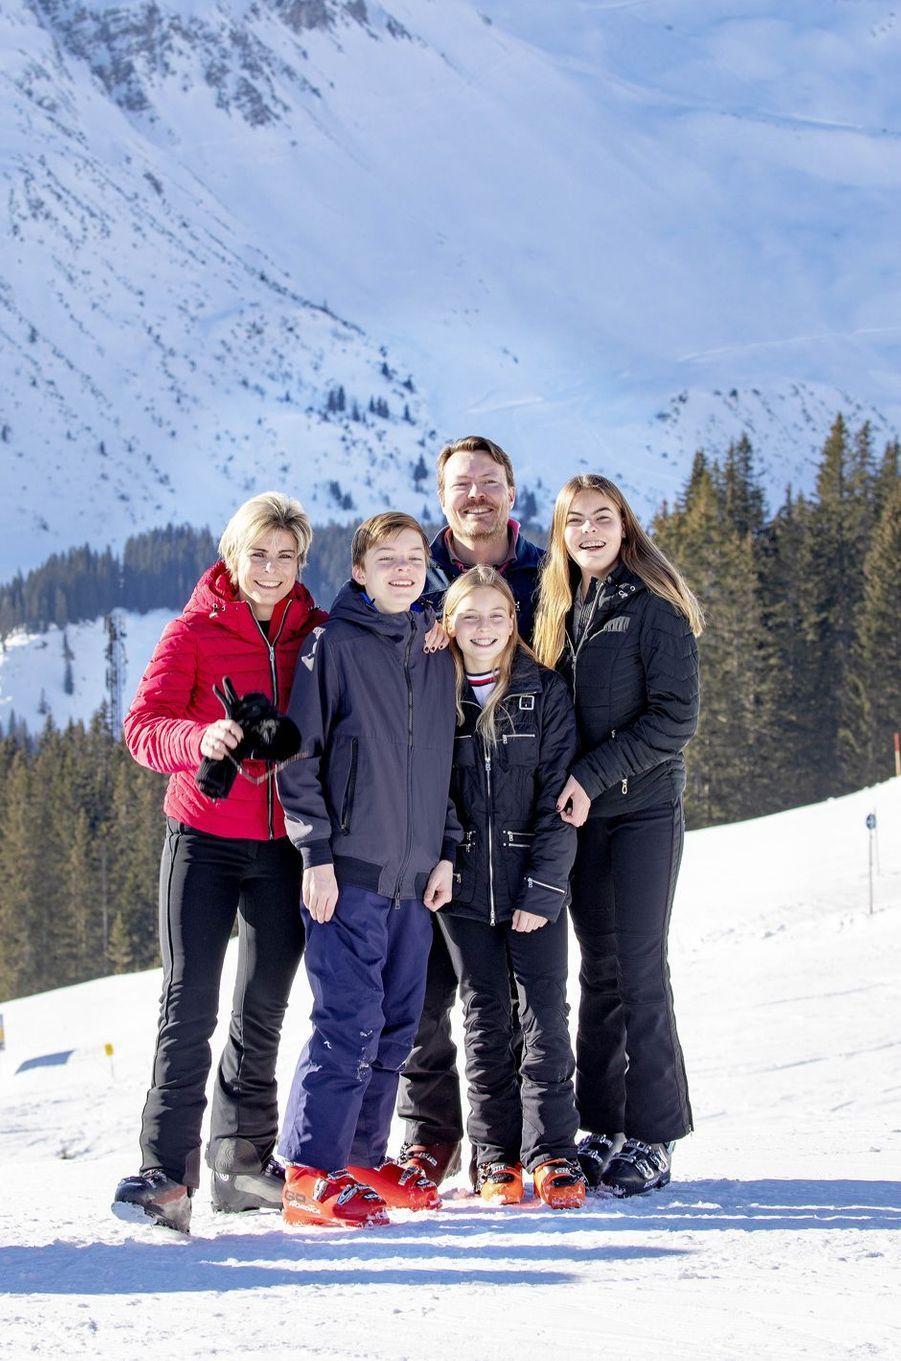 La princesse Laurentien et le prince Constantijn des Pays-Bas avec leurs enfants à Lech, le 25 février 2019